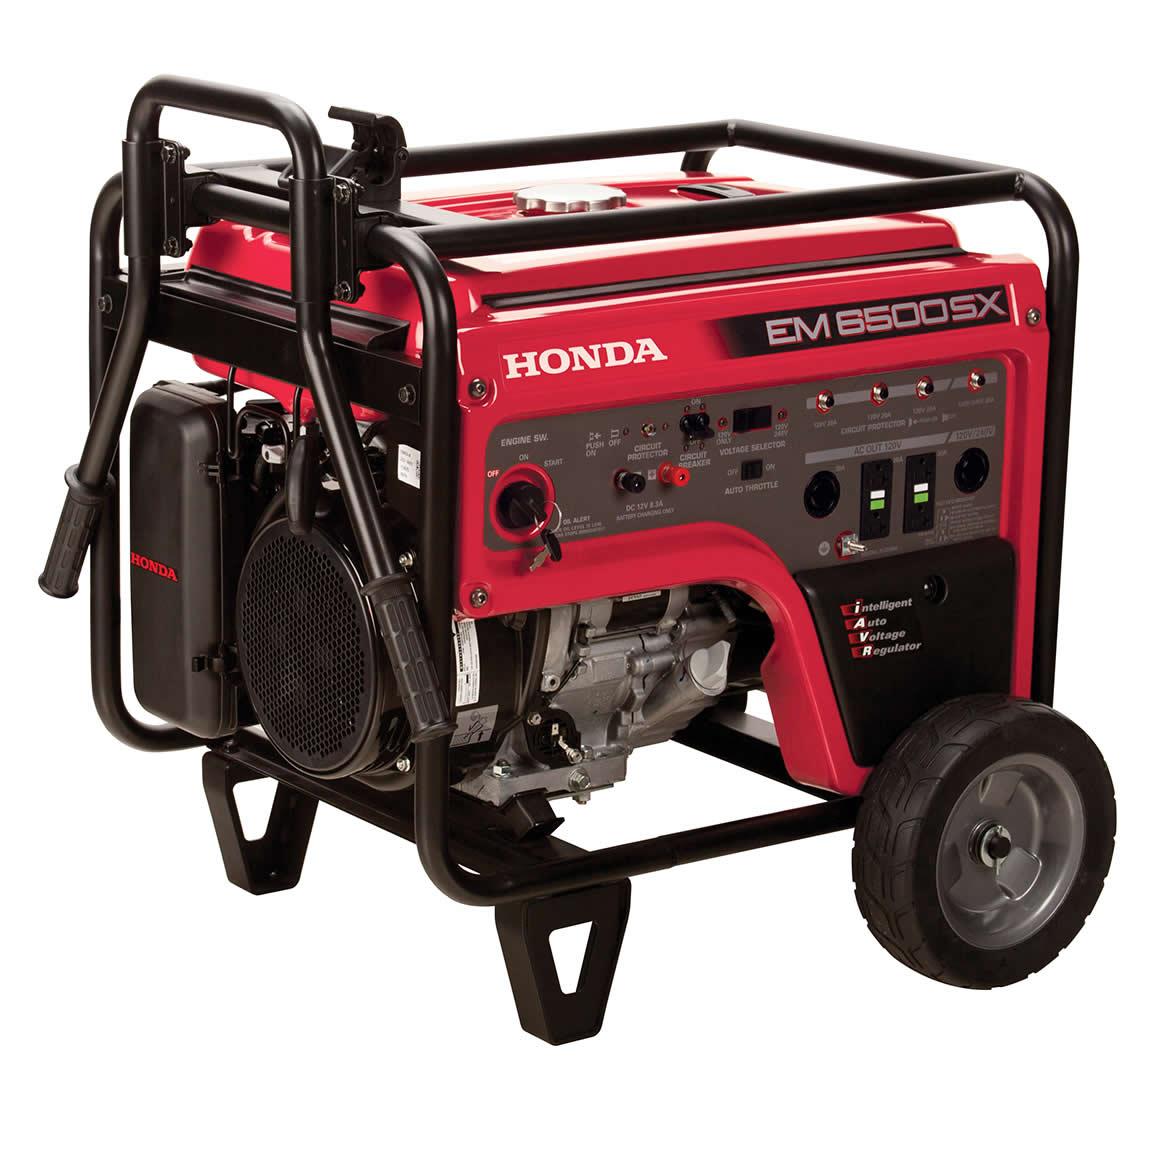 honda em6500 generator rh gardenland com Honda Generator Parts Honda EM 6500 SX